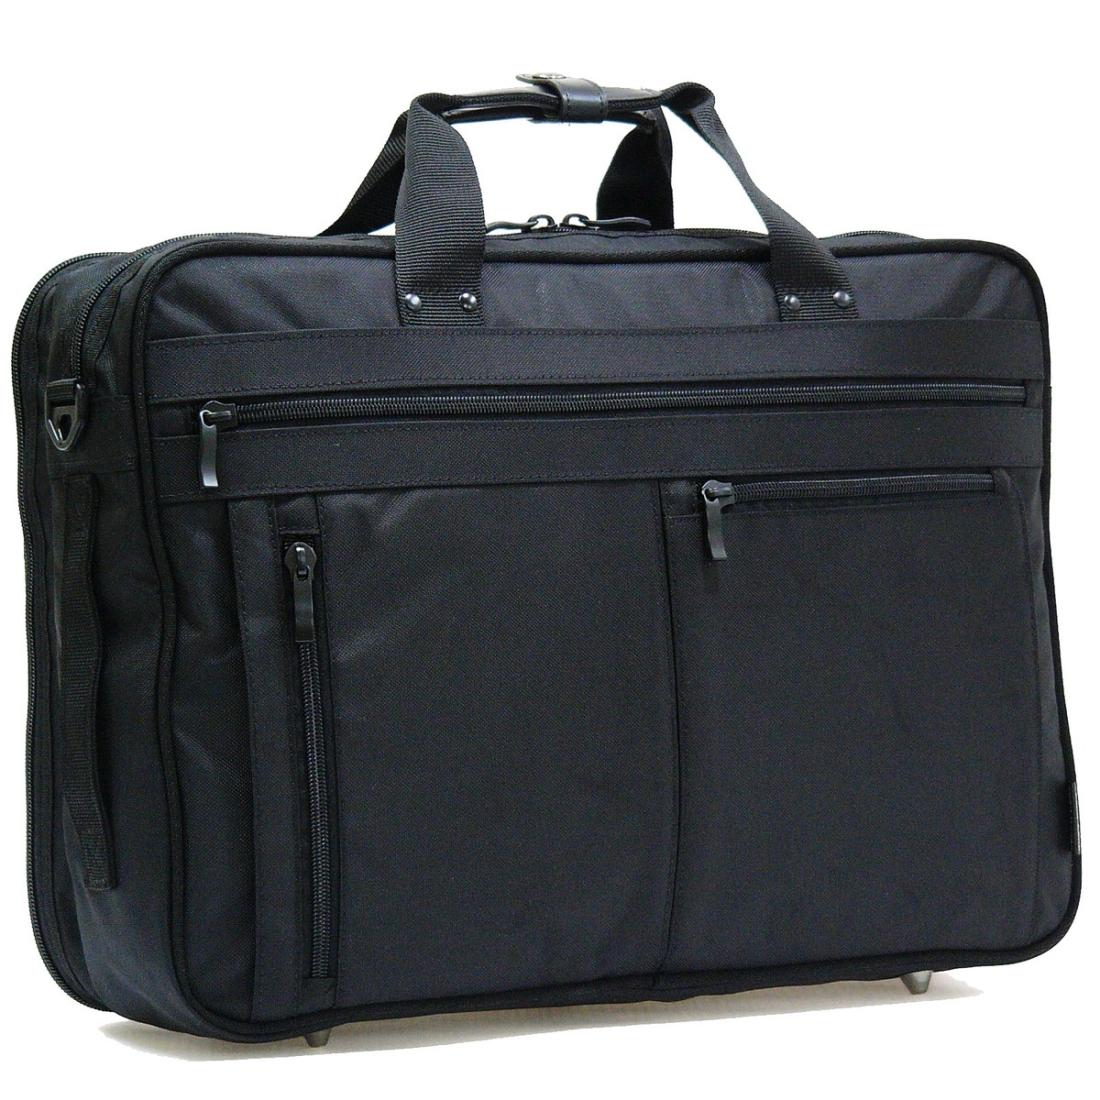 おしゃれ デザイン ビジネス 通勤カバン 通勤 バッグ 3WAY 軽量 強度 耐久性 軽量ビジネスバッグ3WAY W ブラック